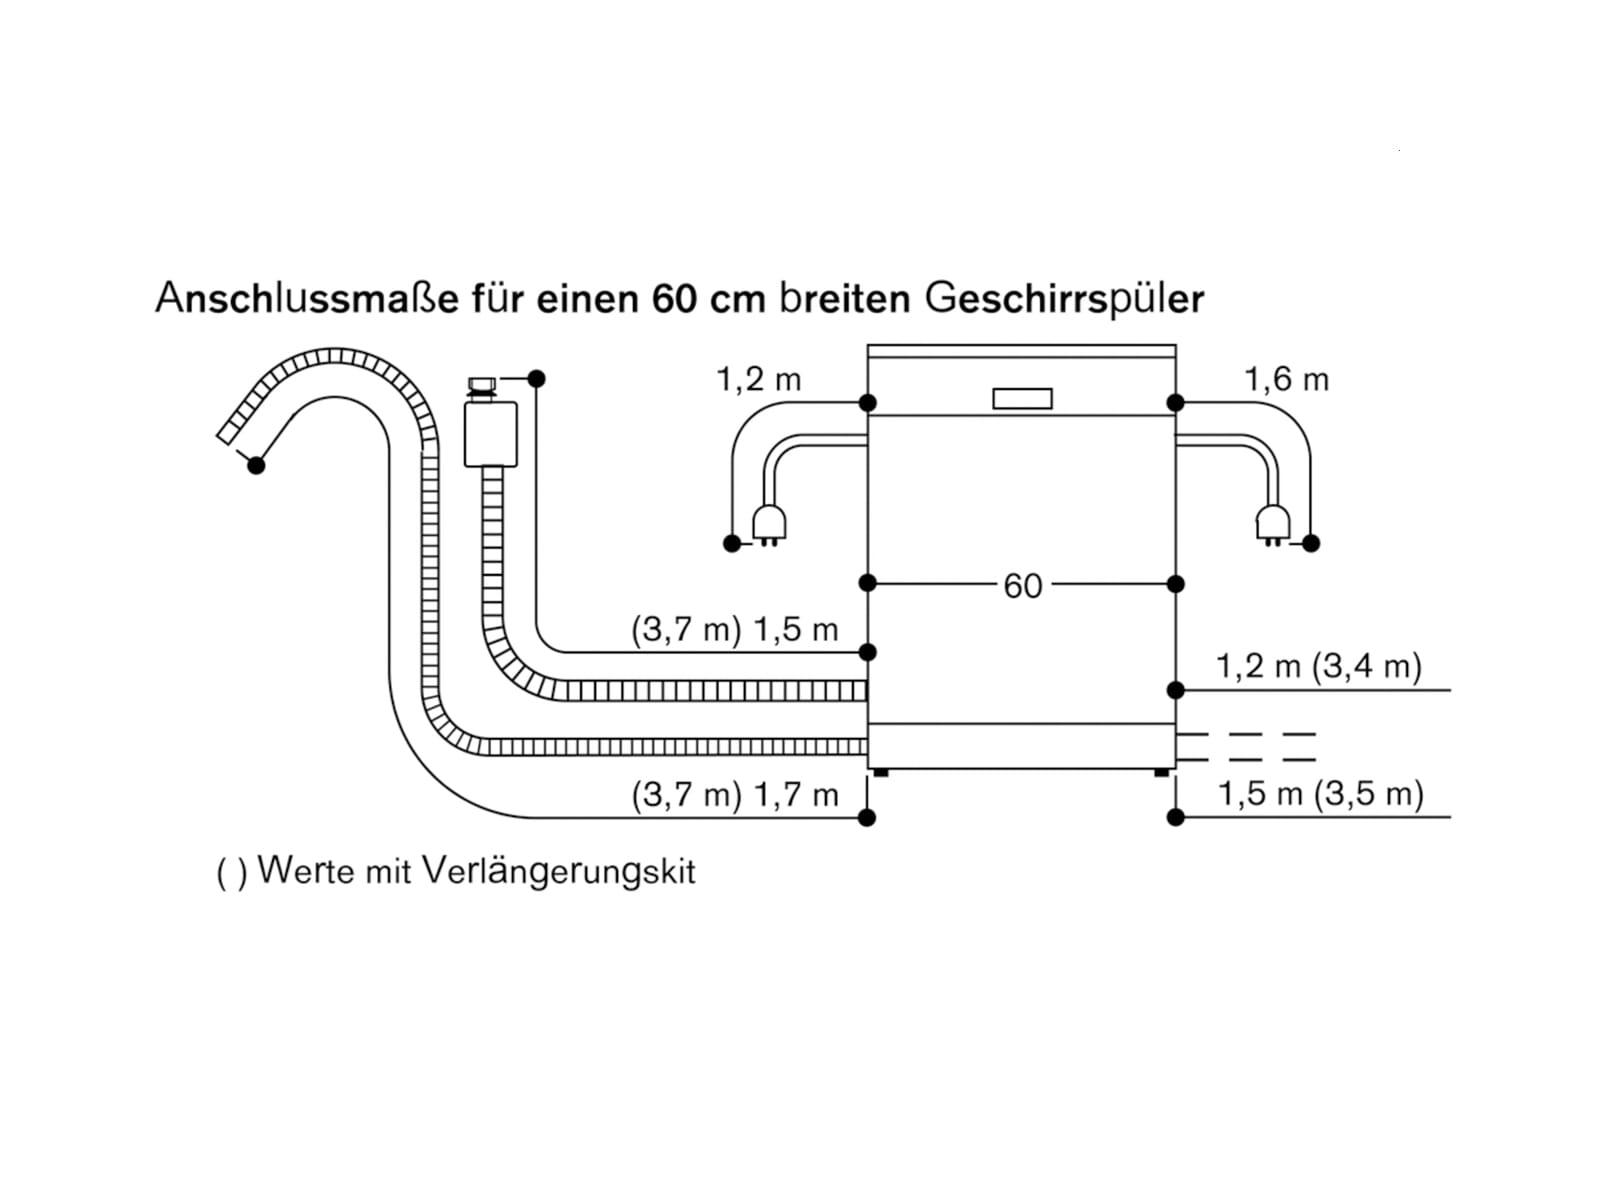 Gaggenau DF 270 160 Serie 200 Vollintegrierbarer Einbaugeschirrspüler